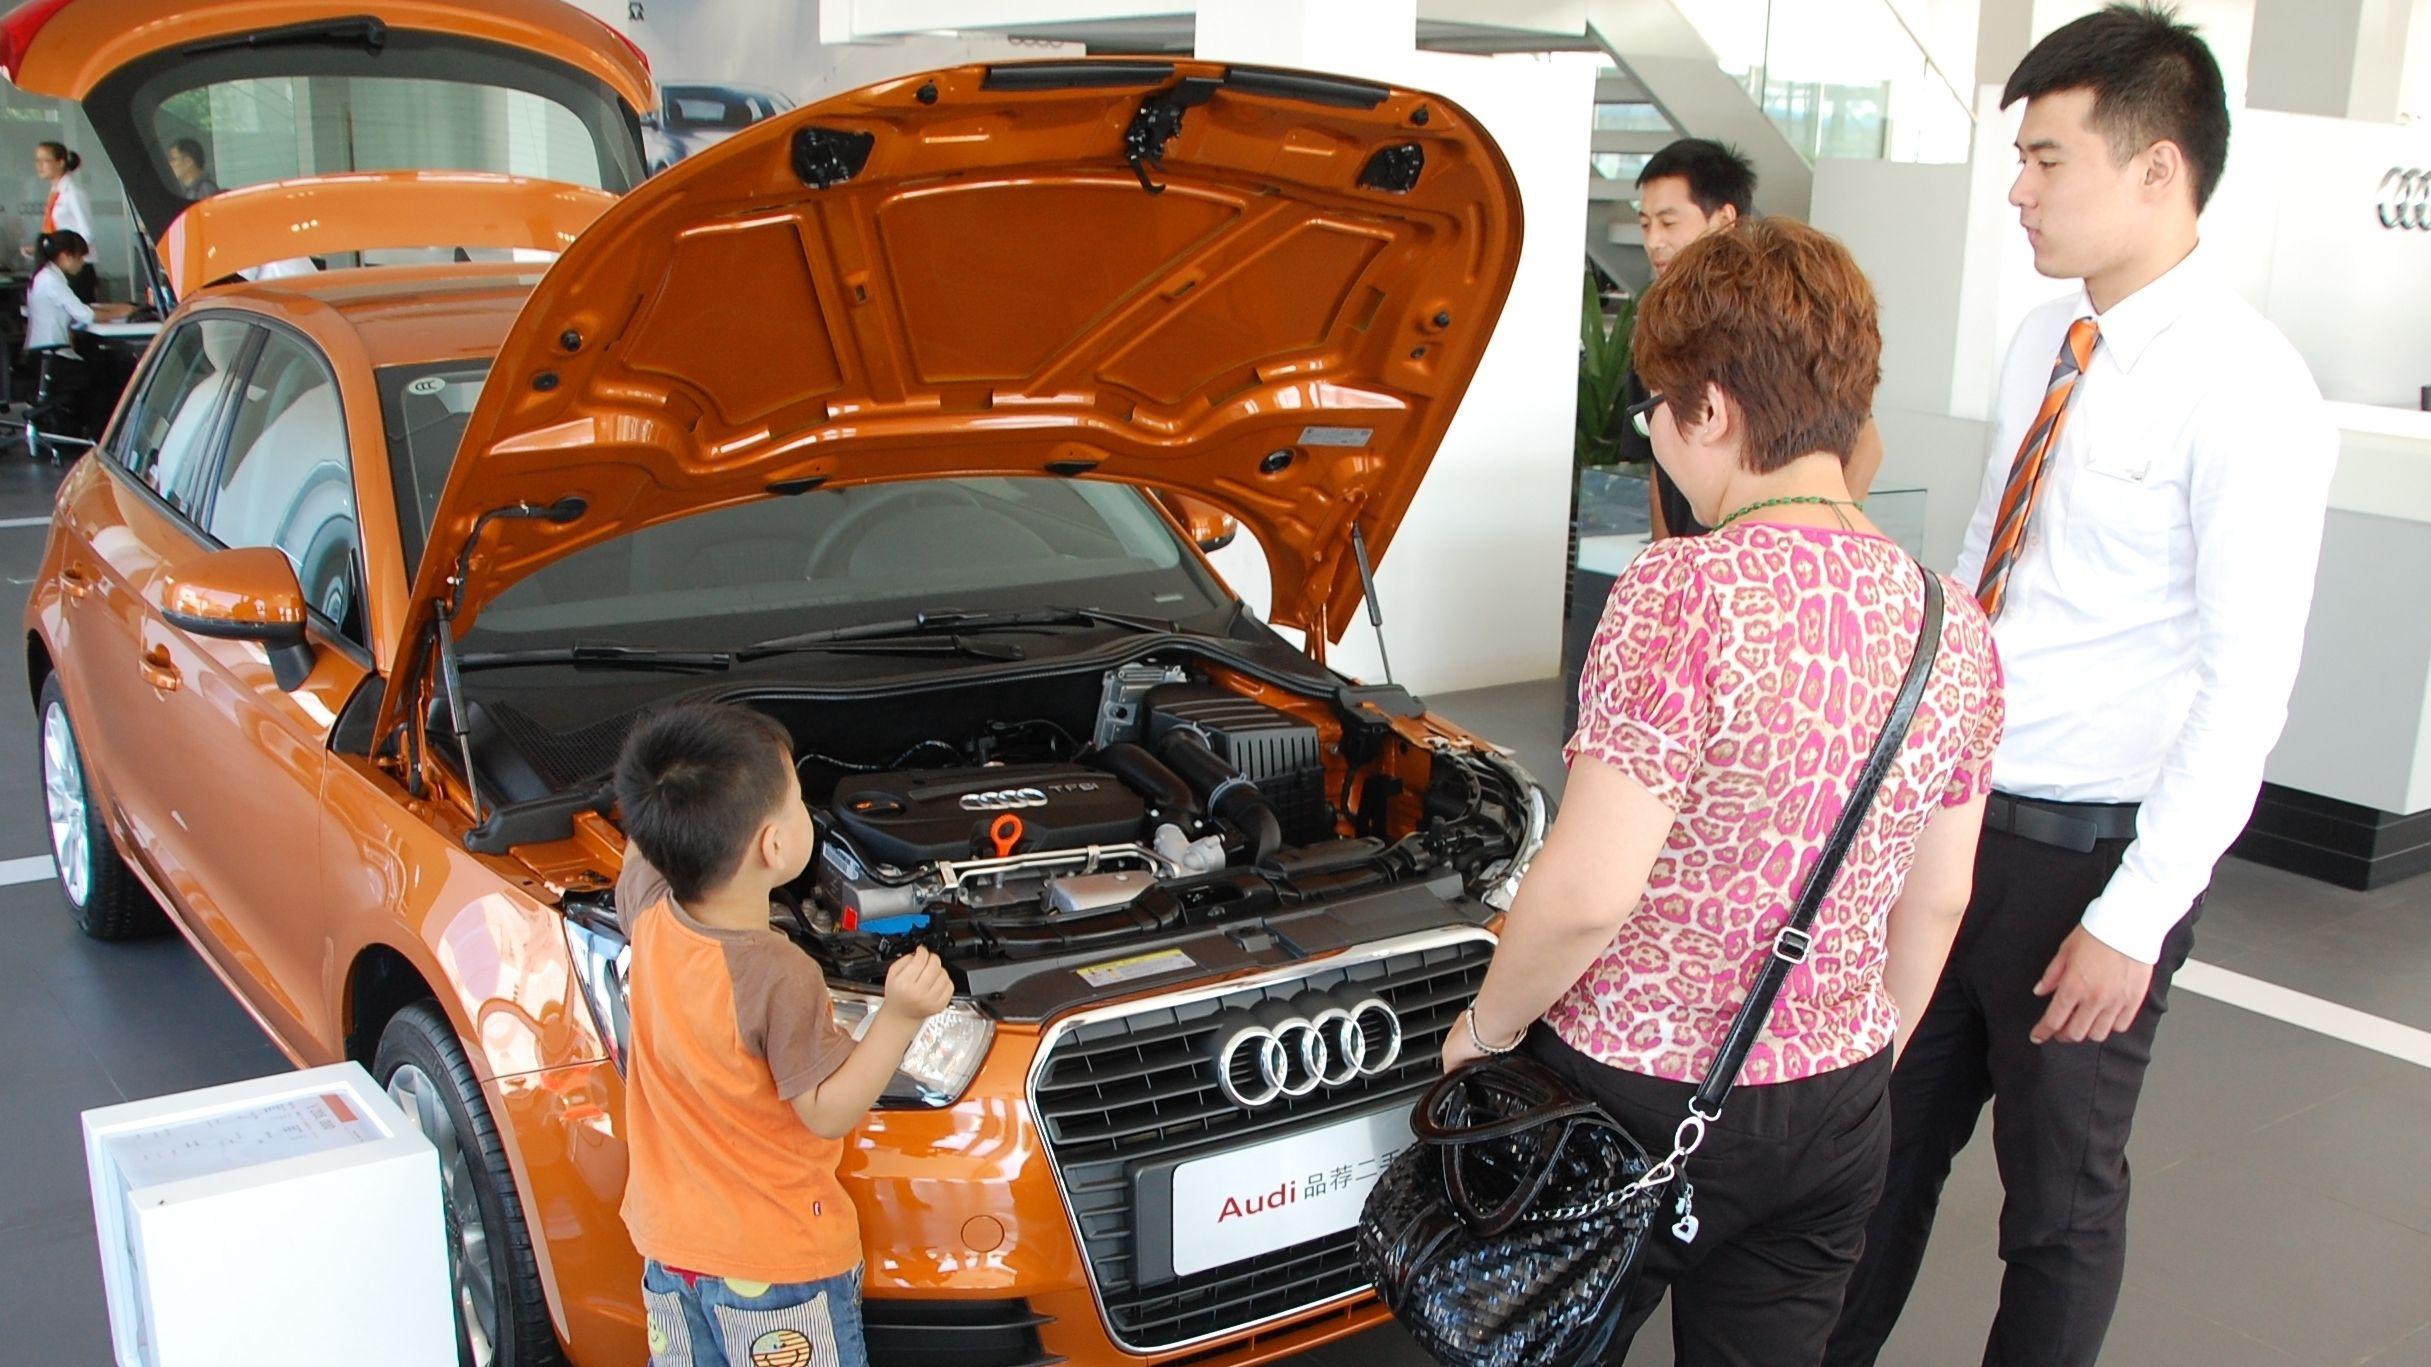 Chinesische Gebrauchtwagenkäufer